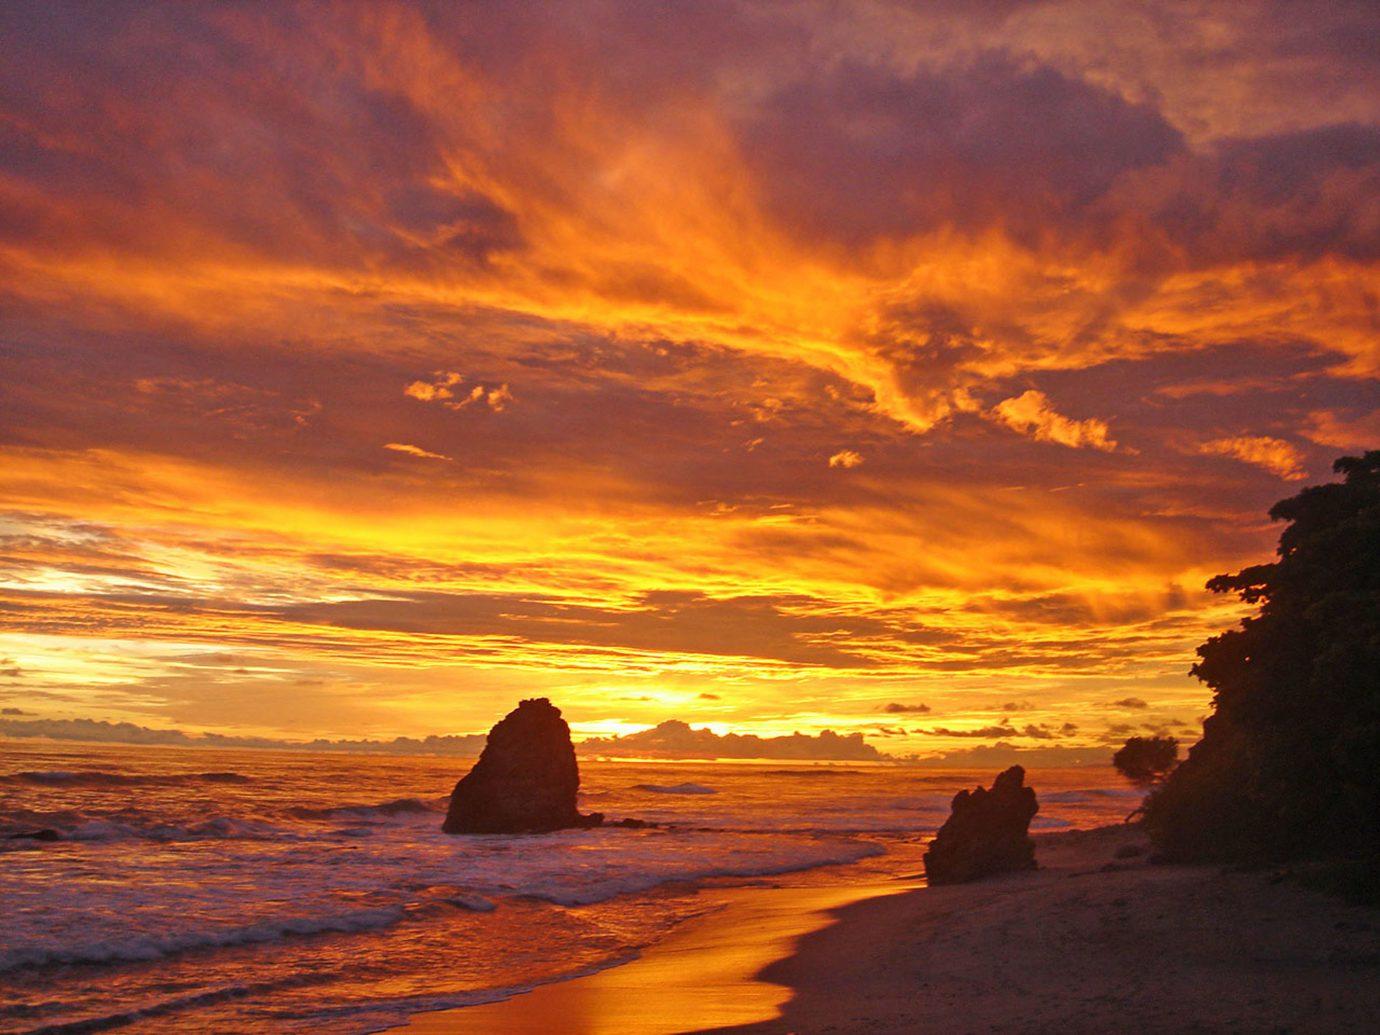 Sunset At Santa Teresa Beach In Playa Santa Teresa